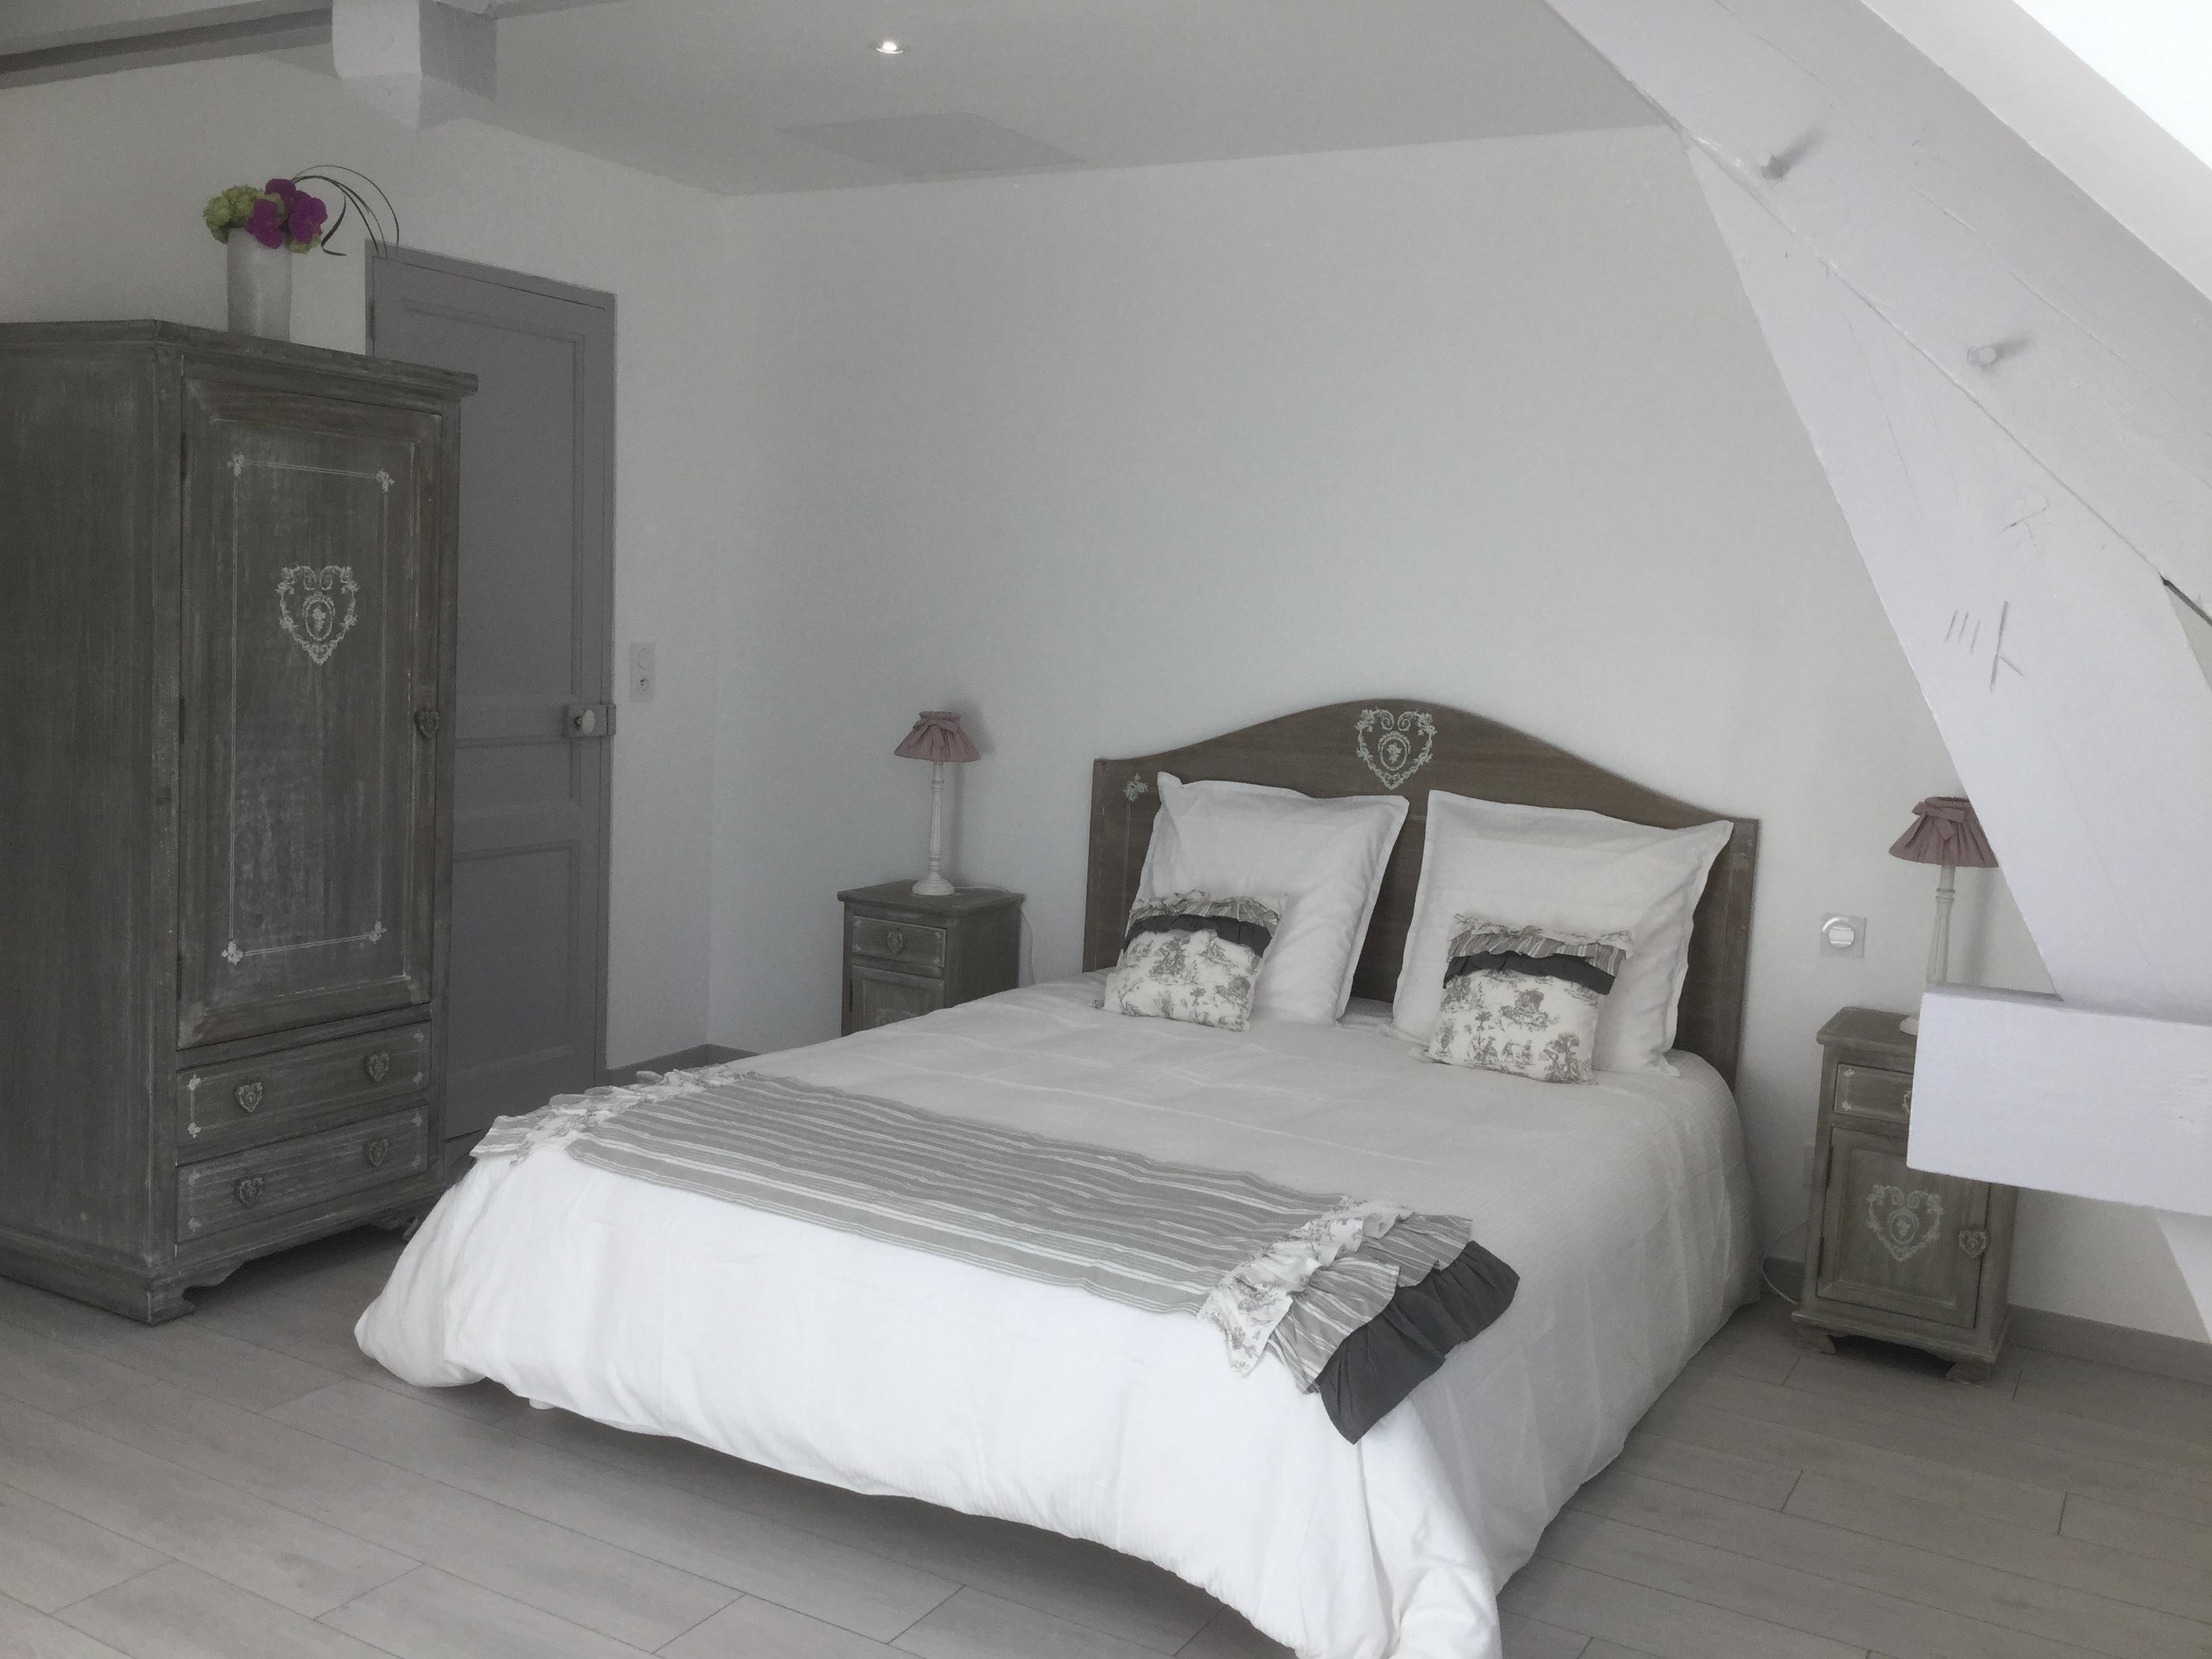 chambres d 39 h tes 42. Black Bedroom Furniture Sets. Home Design Ideas